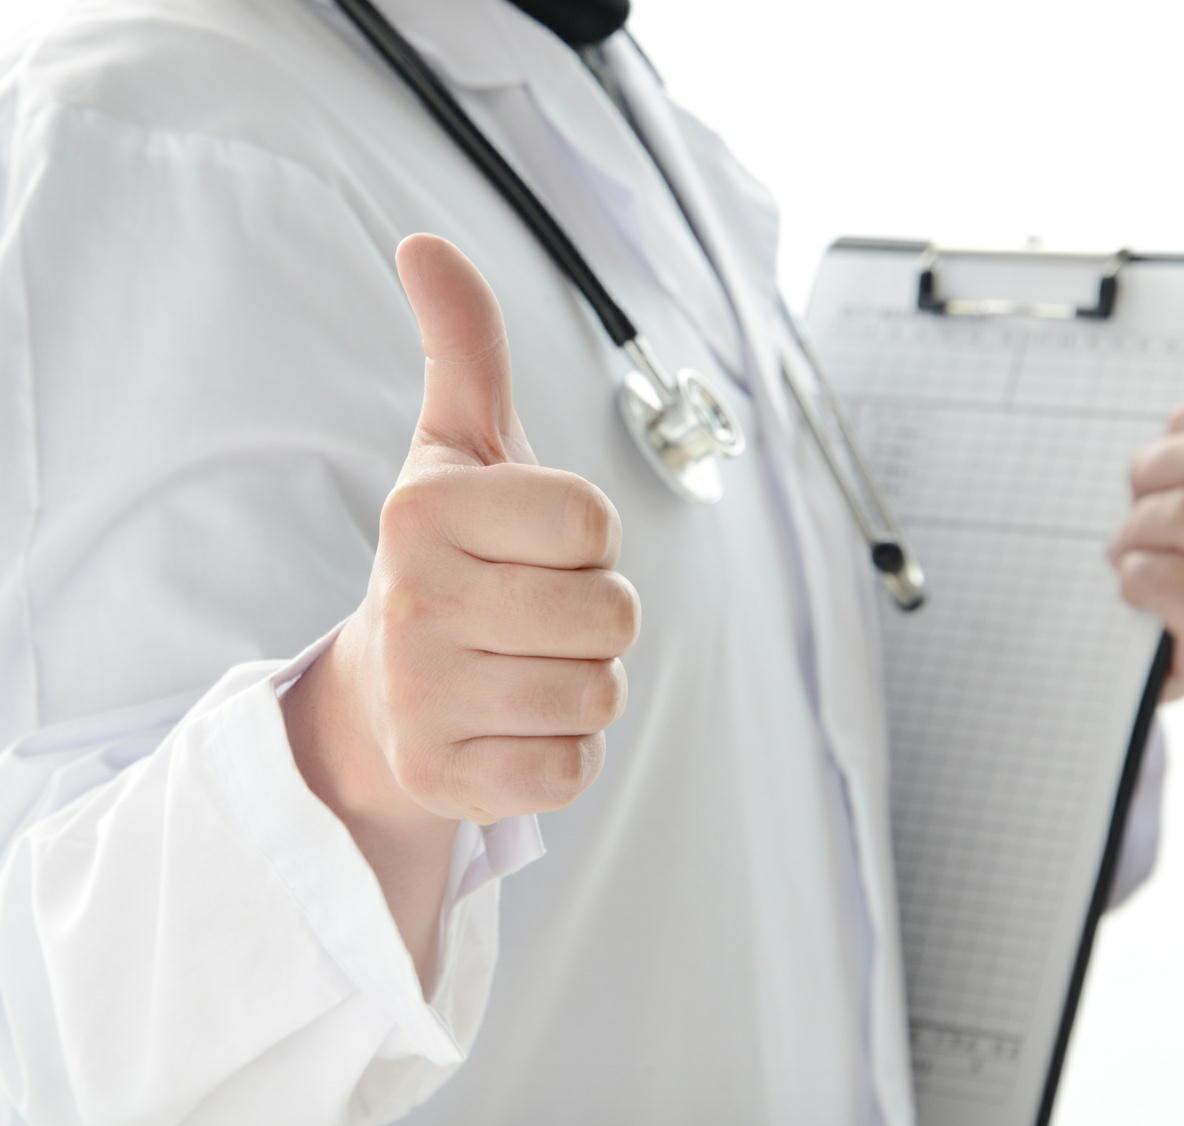 がん5年相対生存率は62.1%に改善</br>乳がんの生存率は他のがんと比べ良好